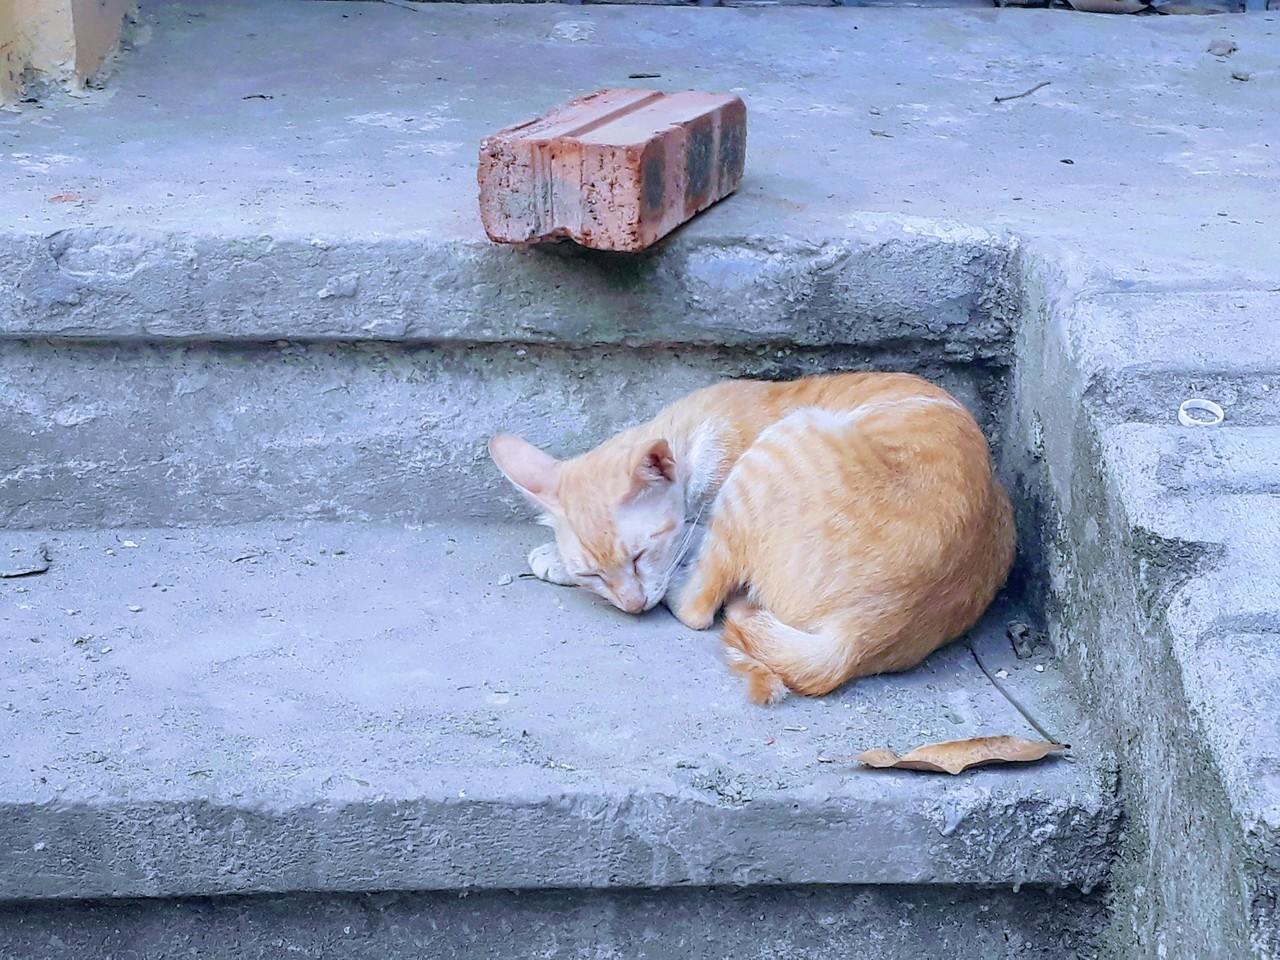 Mèo và người, người và mèo, và tình yêu